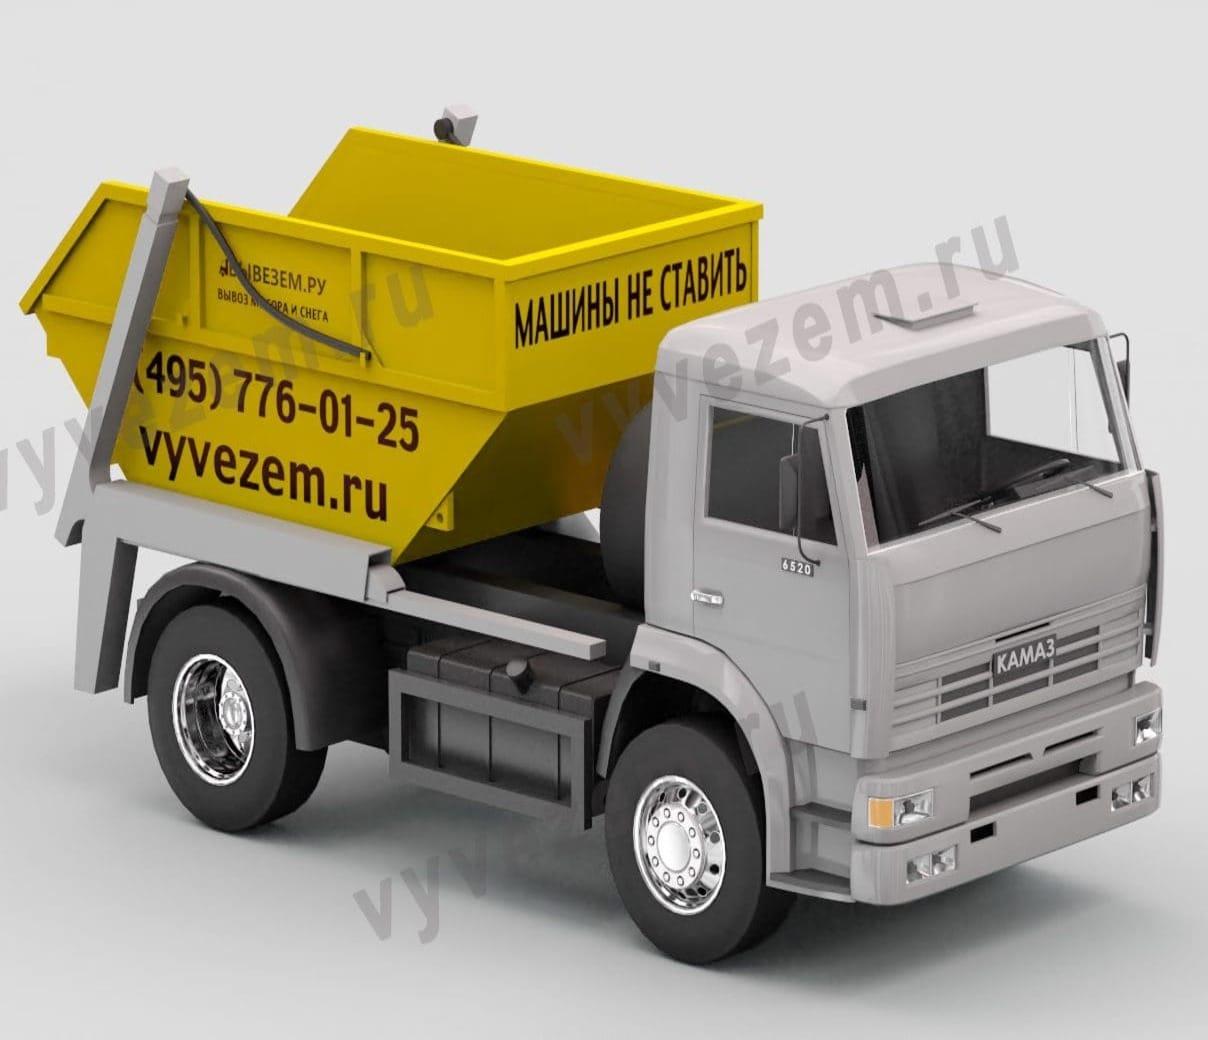 КАМАЗ для мусора в ЦАО